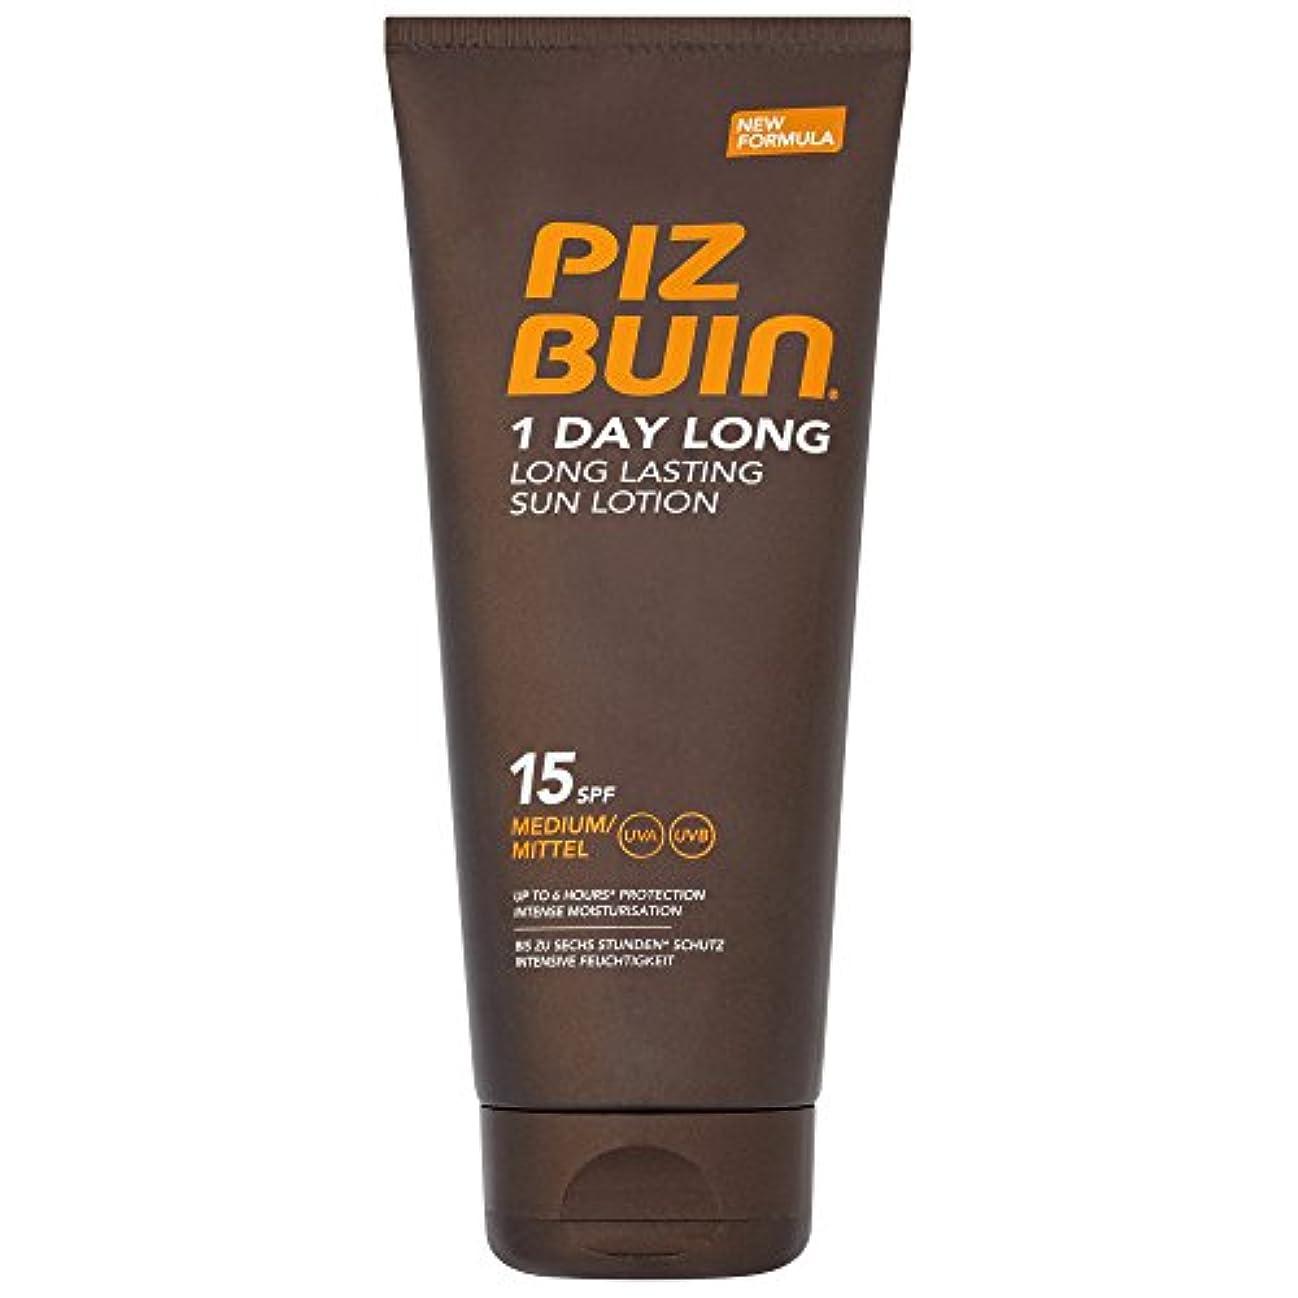 タオルアーティファクト入浴ピッツブーインの1日長い15の日焼けローション200 x2 - Piz Buin 1 Day Long SPF15 Sun Lotion 200ml (Pack of 2) [並行輸入品]